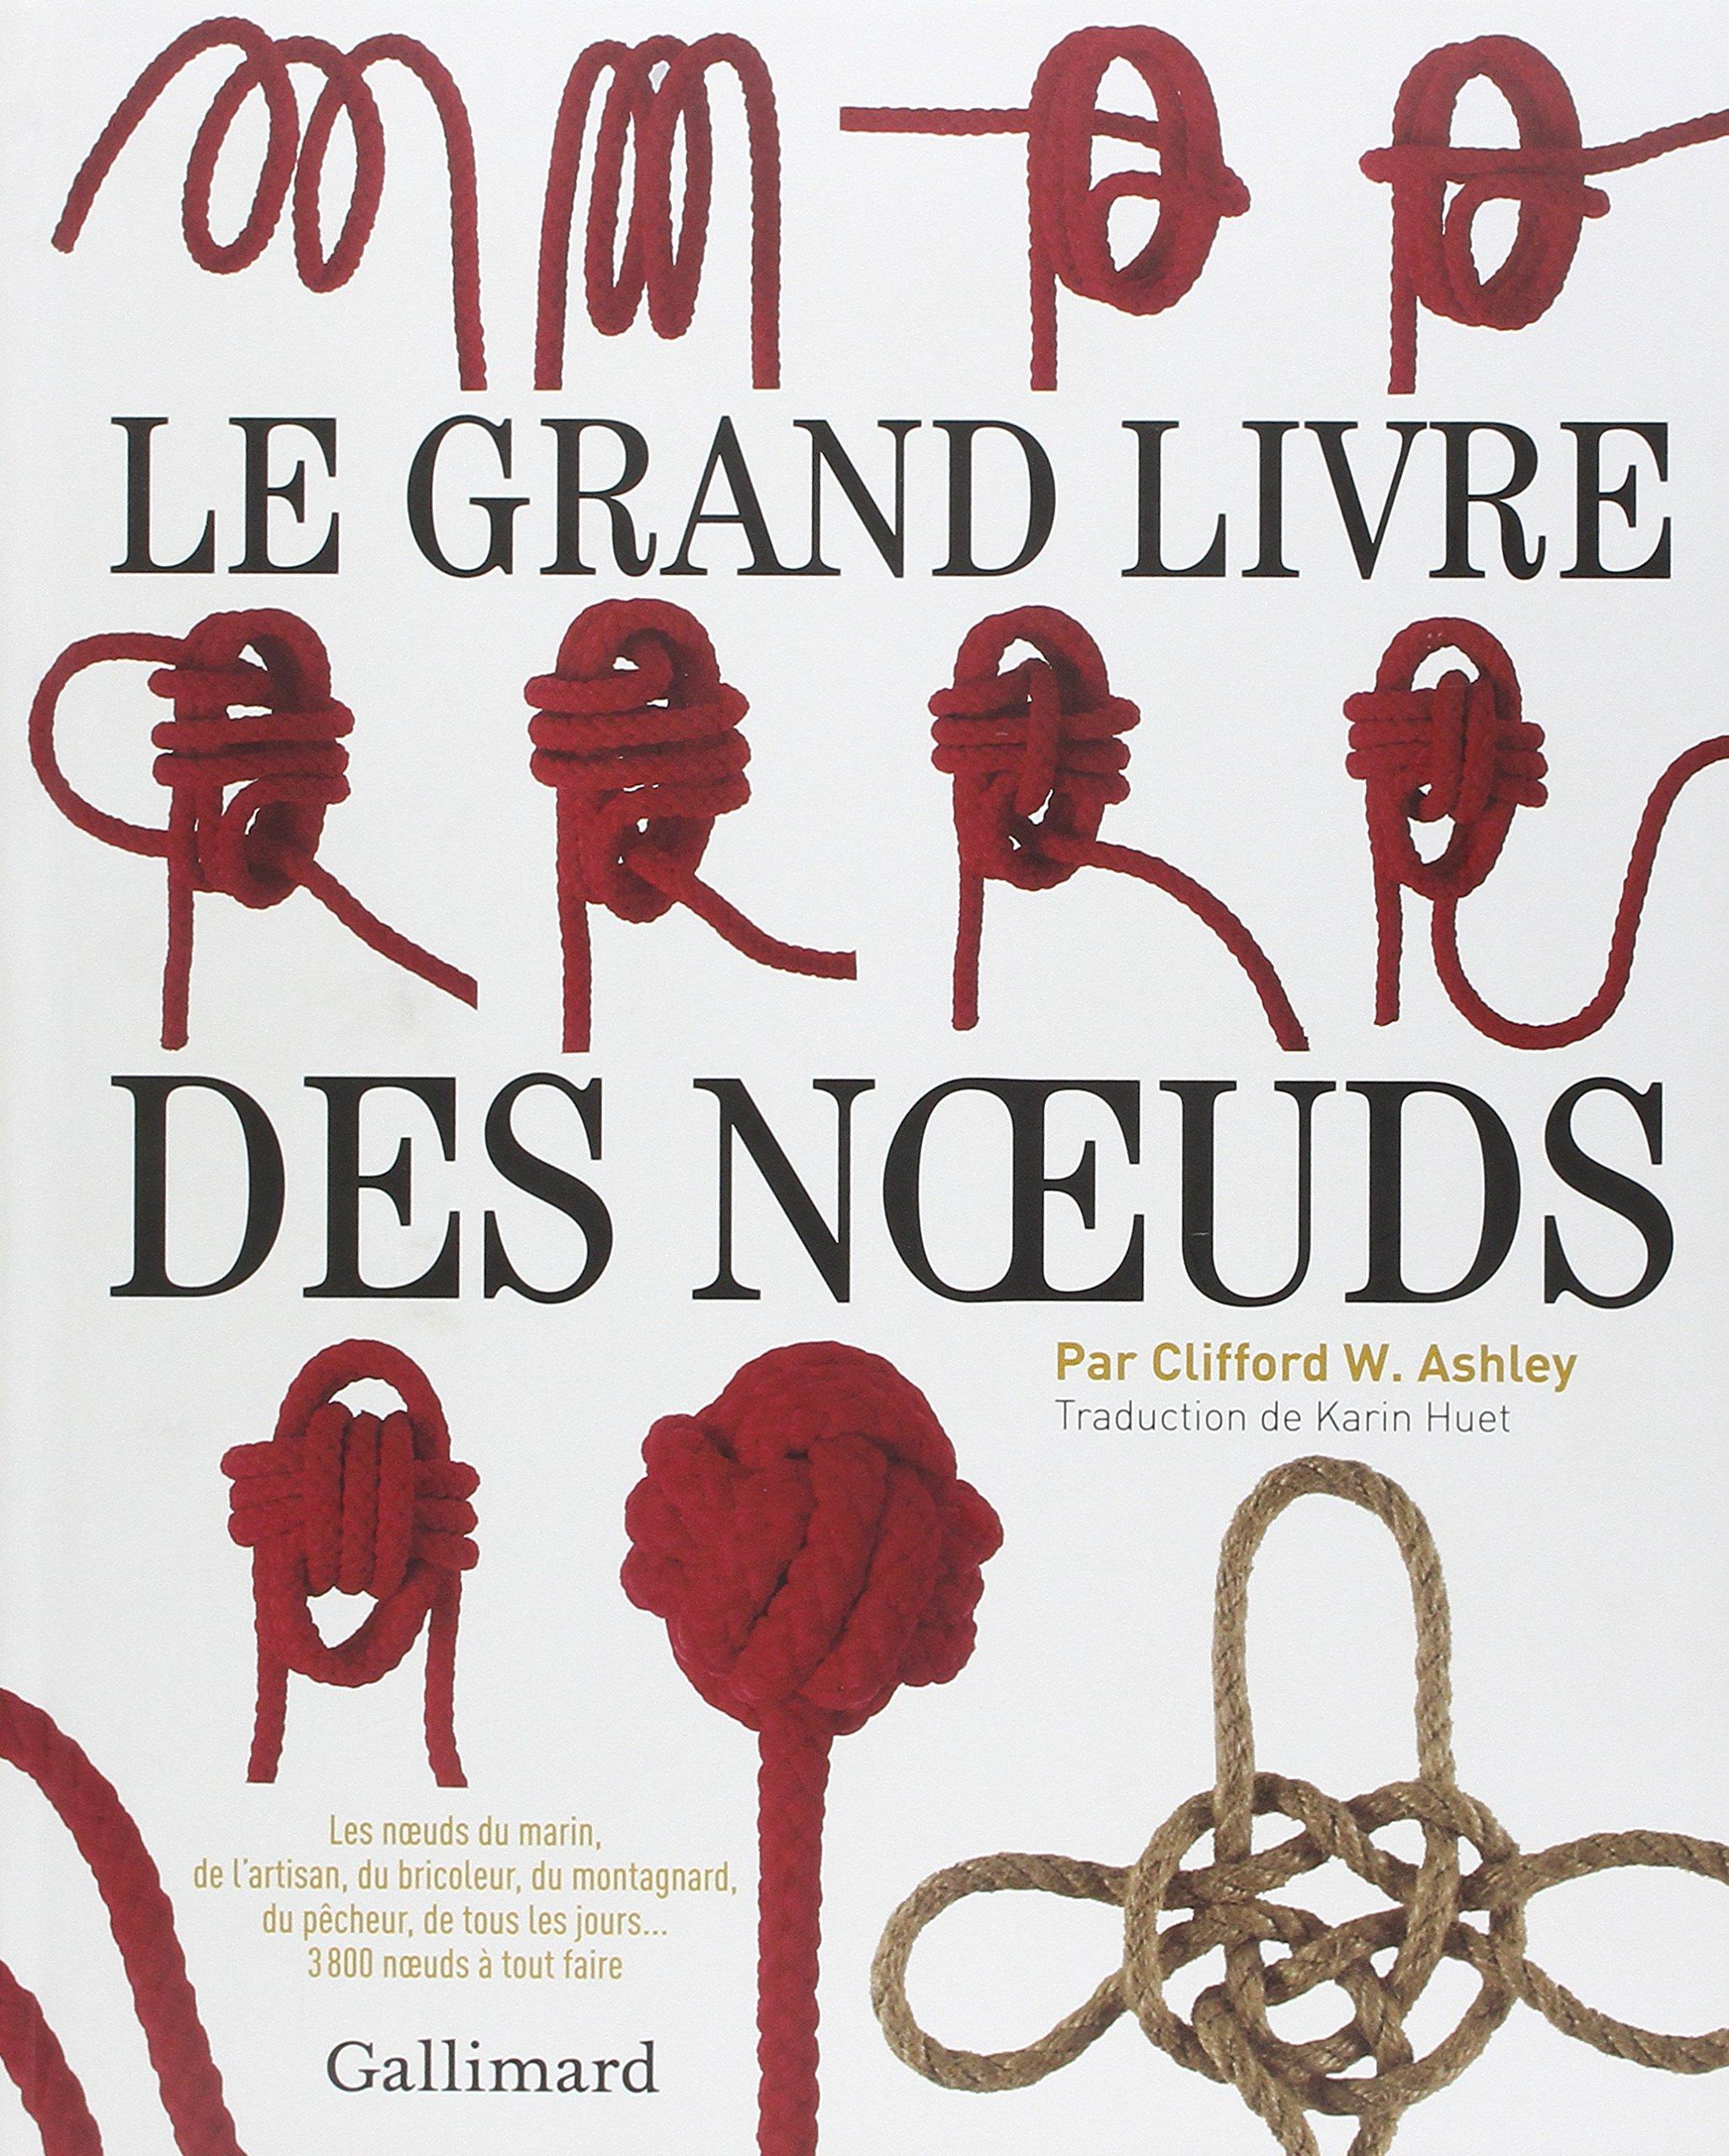 prix plus bas avec nouvelles images de vraiment pas cher Amazon.fr - Le grand livre des nœuds - Clifford W. Ashley ...